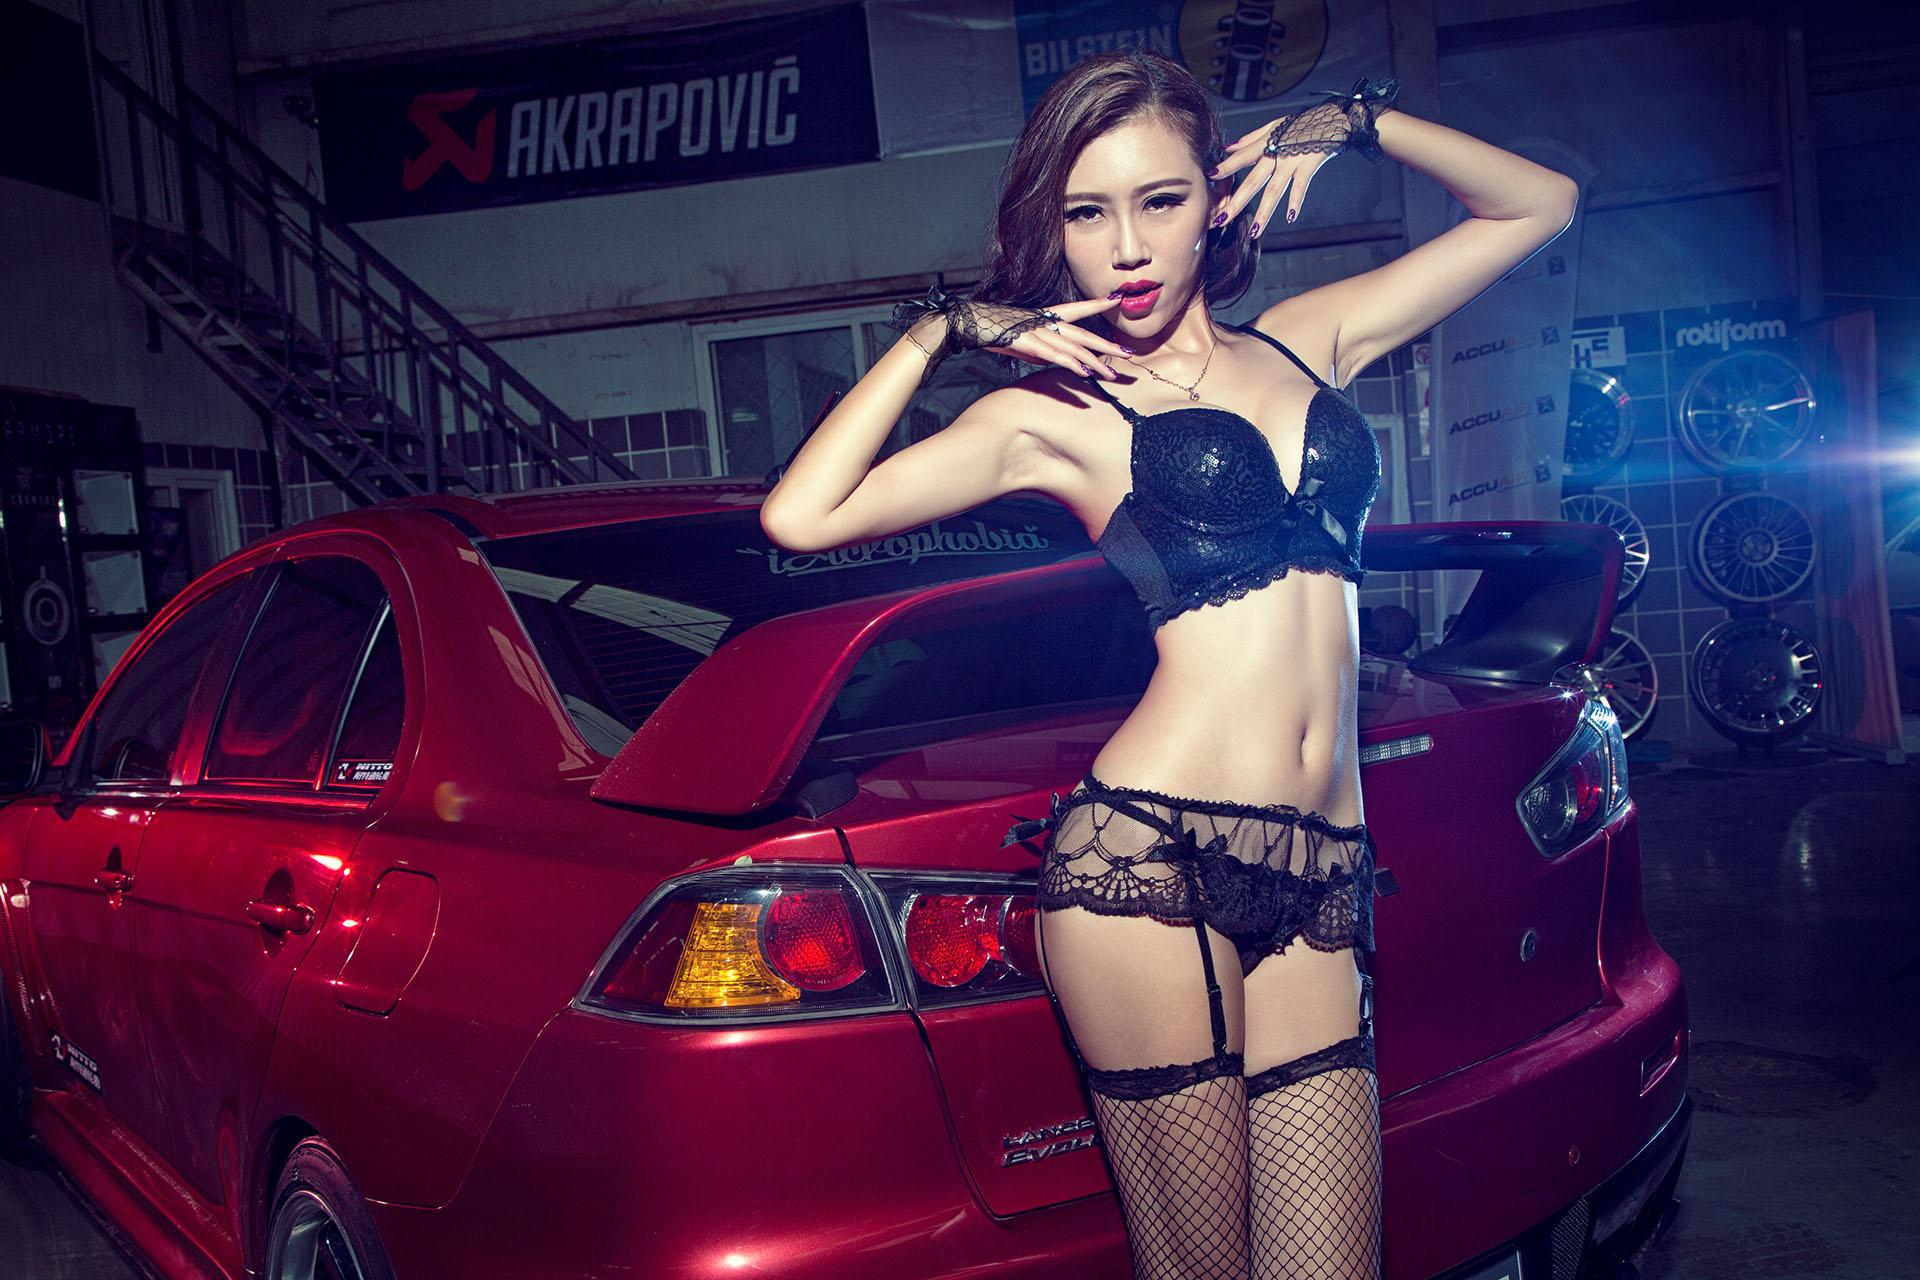 东瀛武者EVO与性感舞者乔米的华丽PK